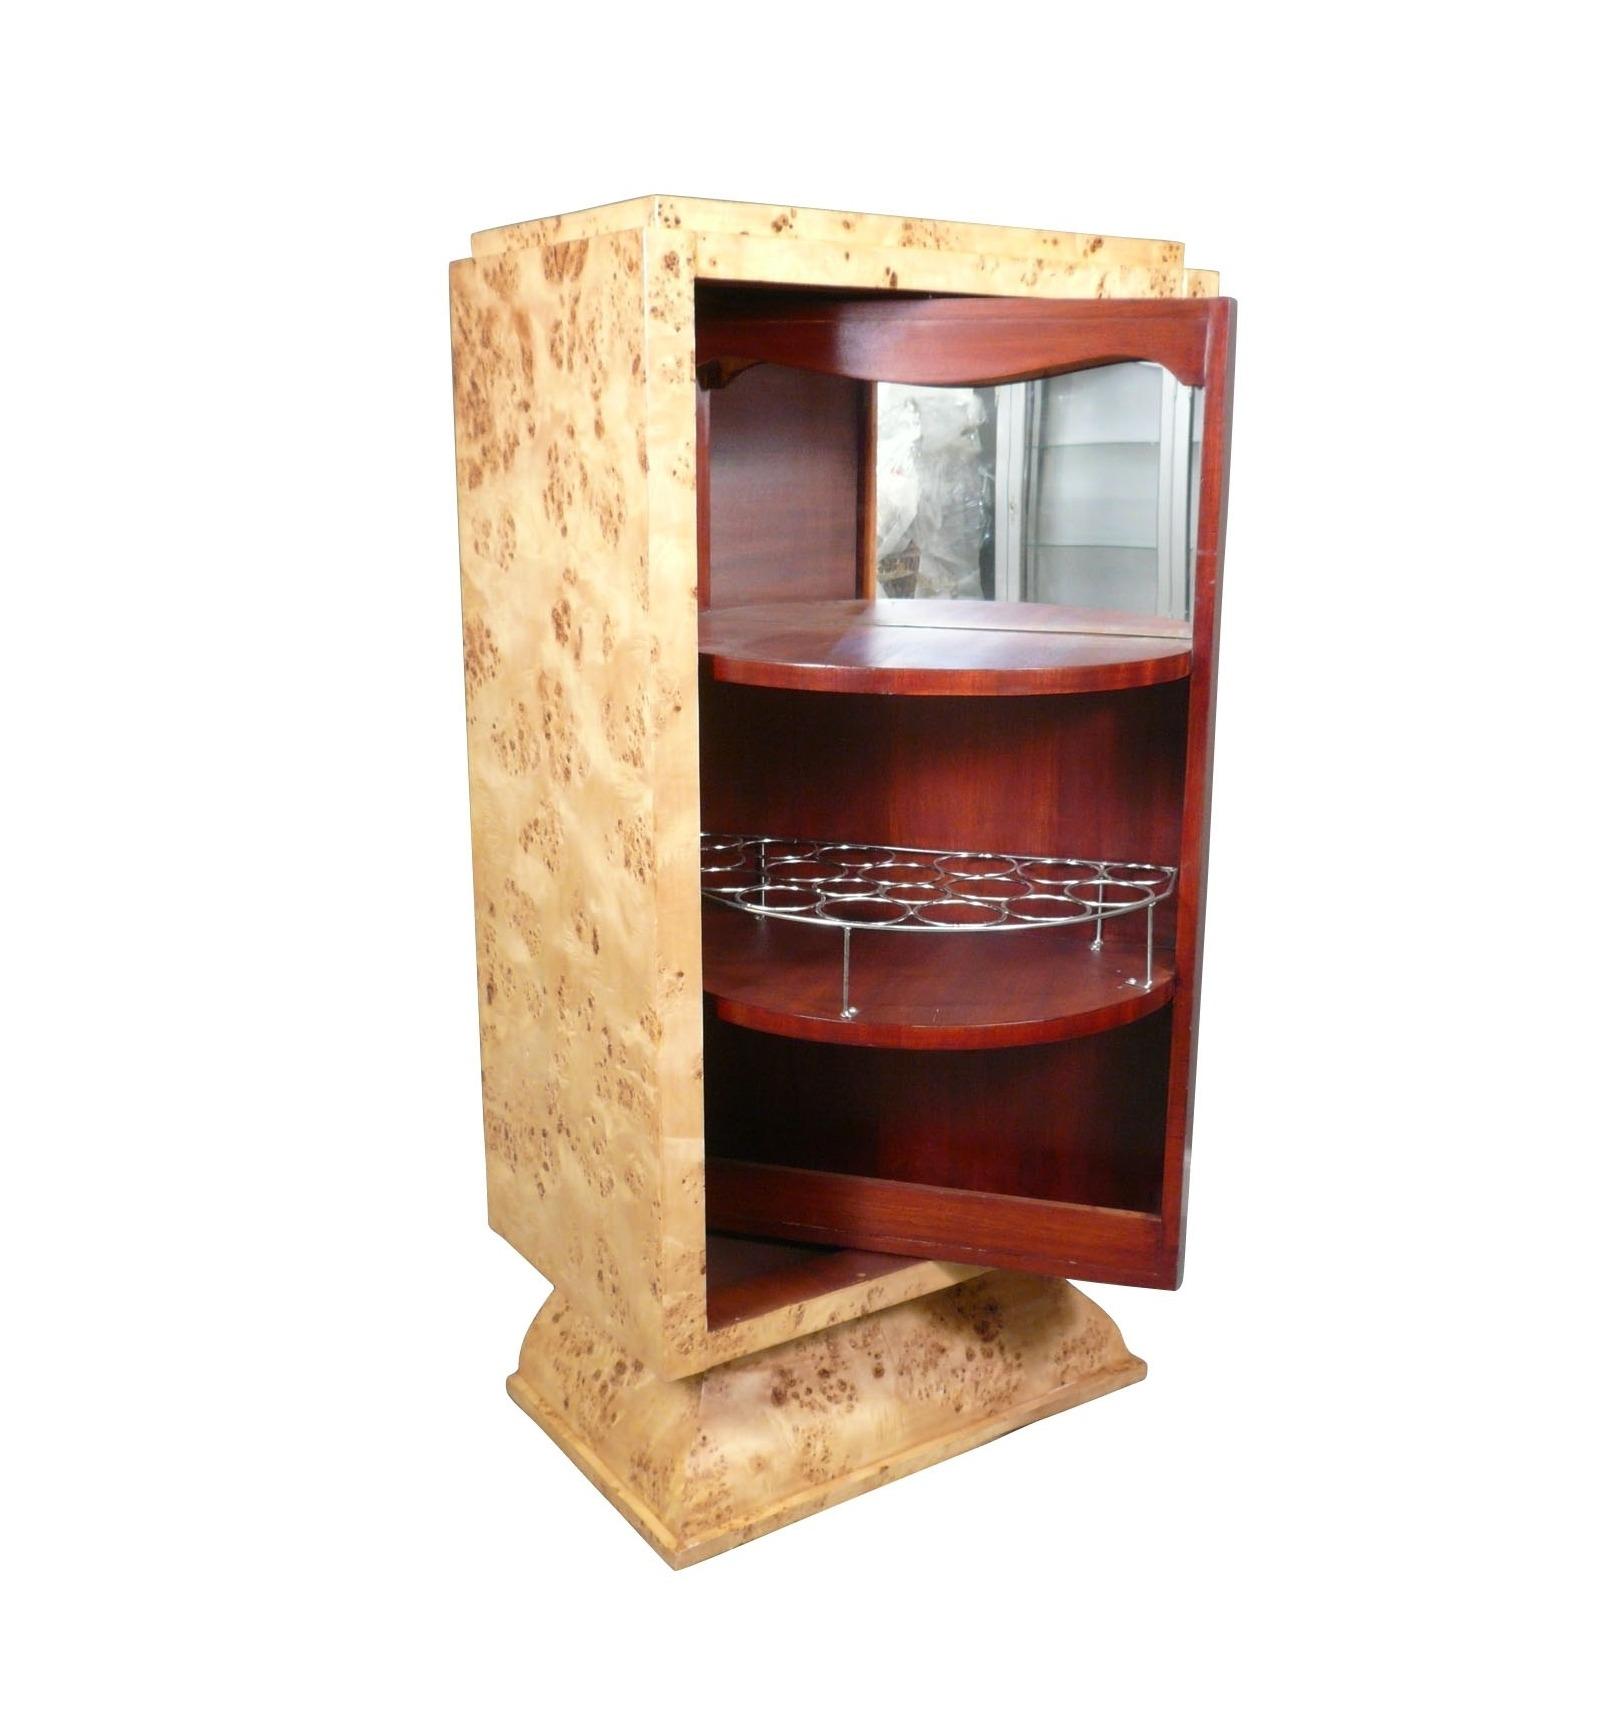 Art dec con una barra de puerta basculante muebles art dec for Muebles barra de bar